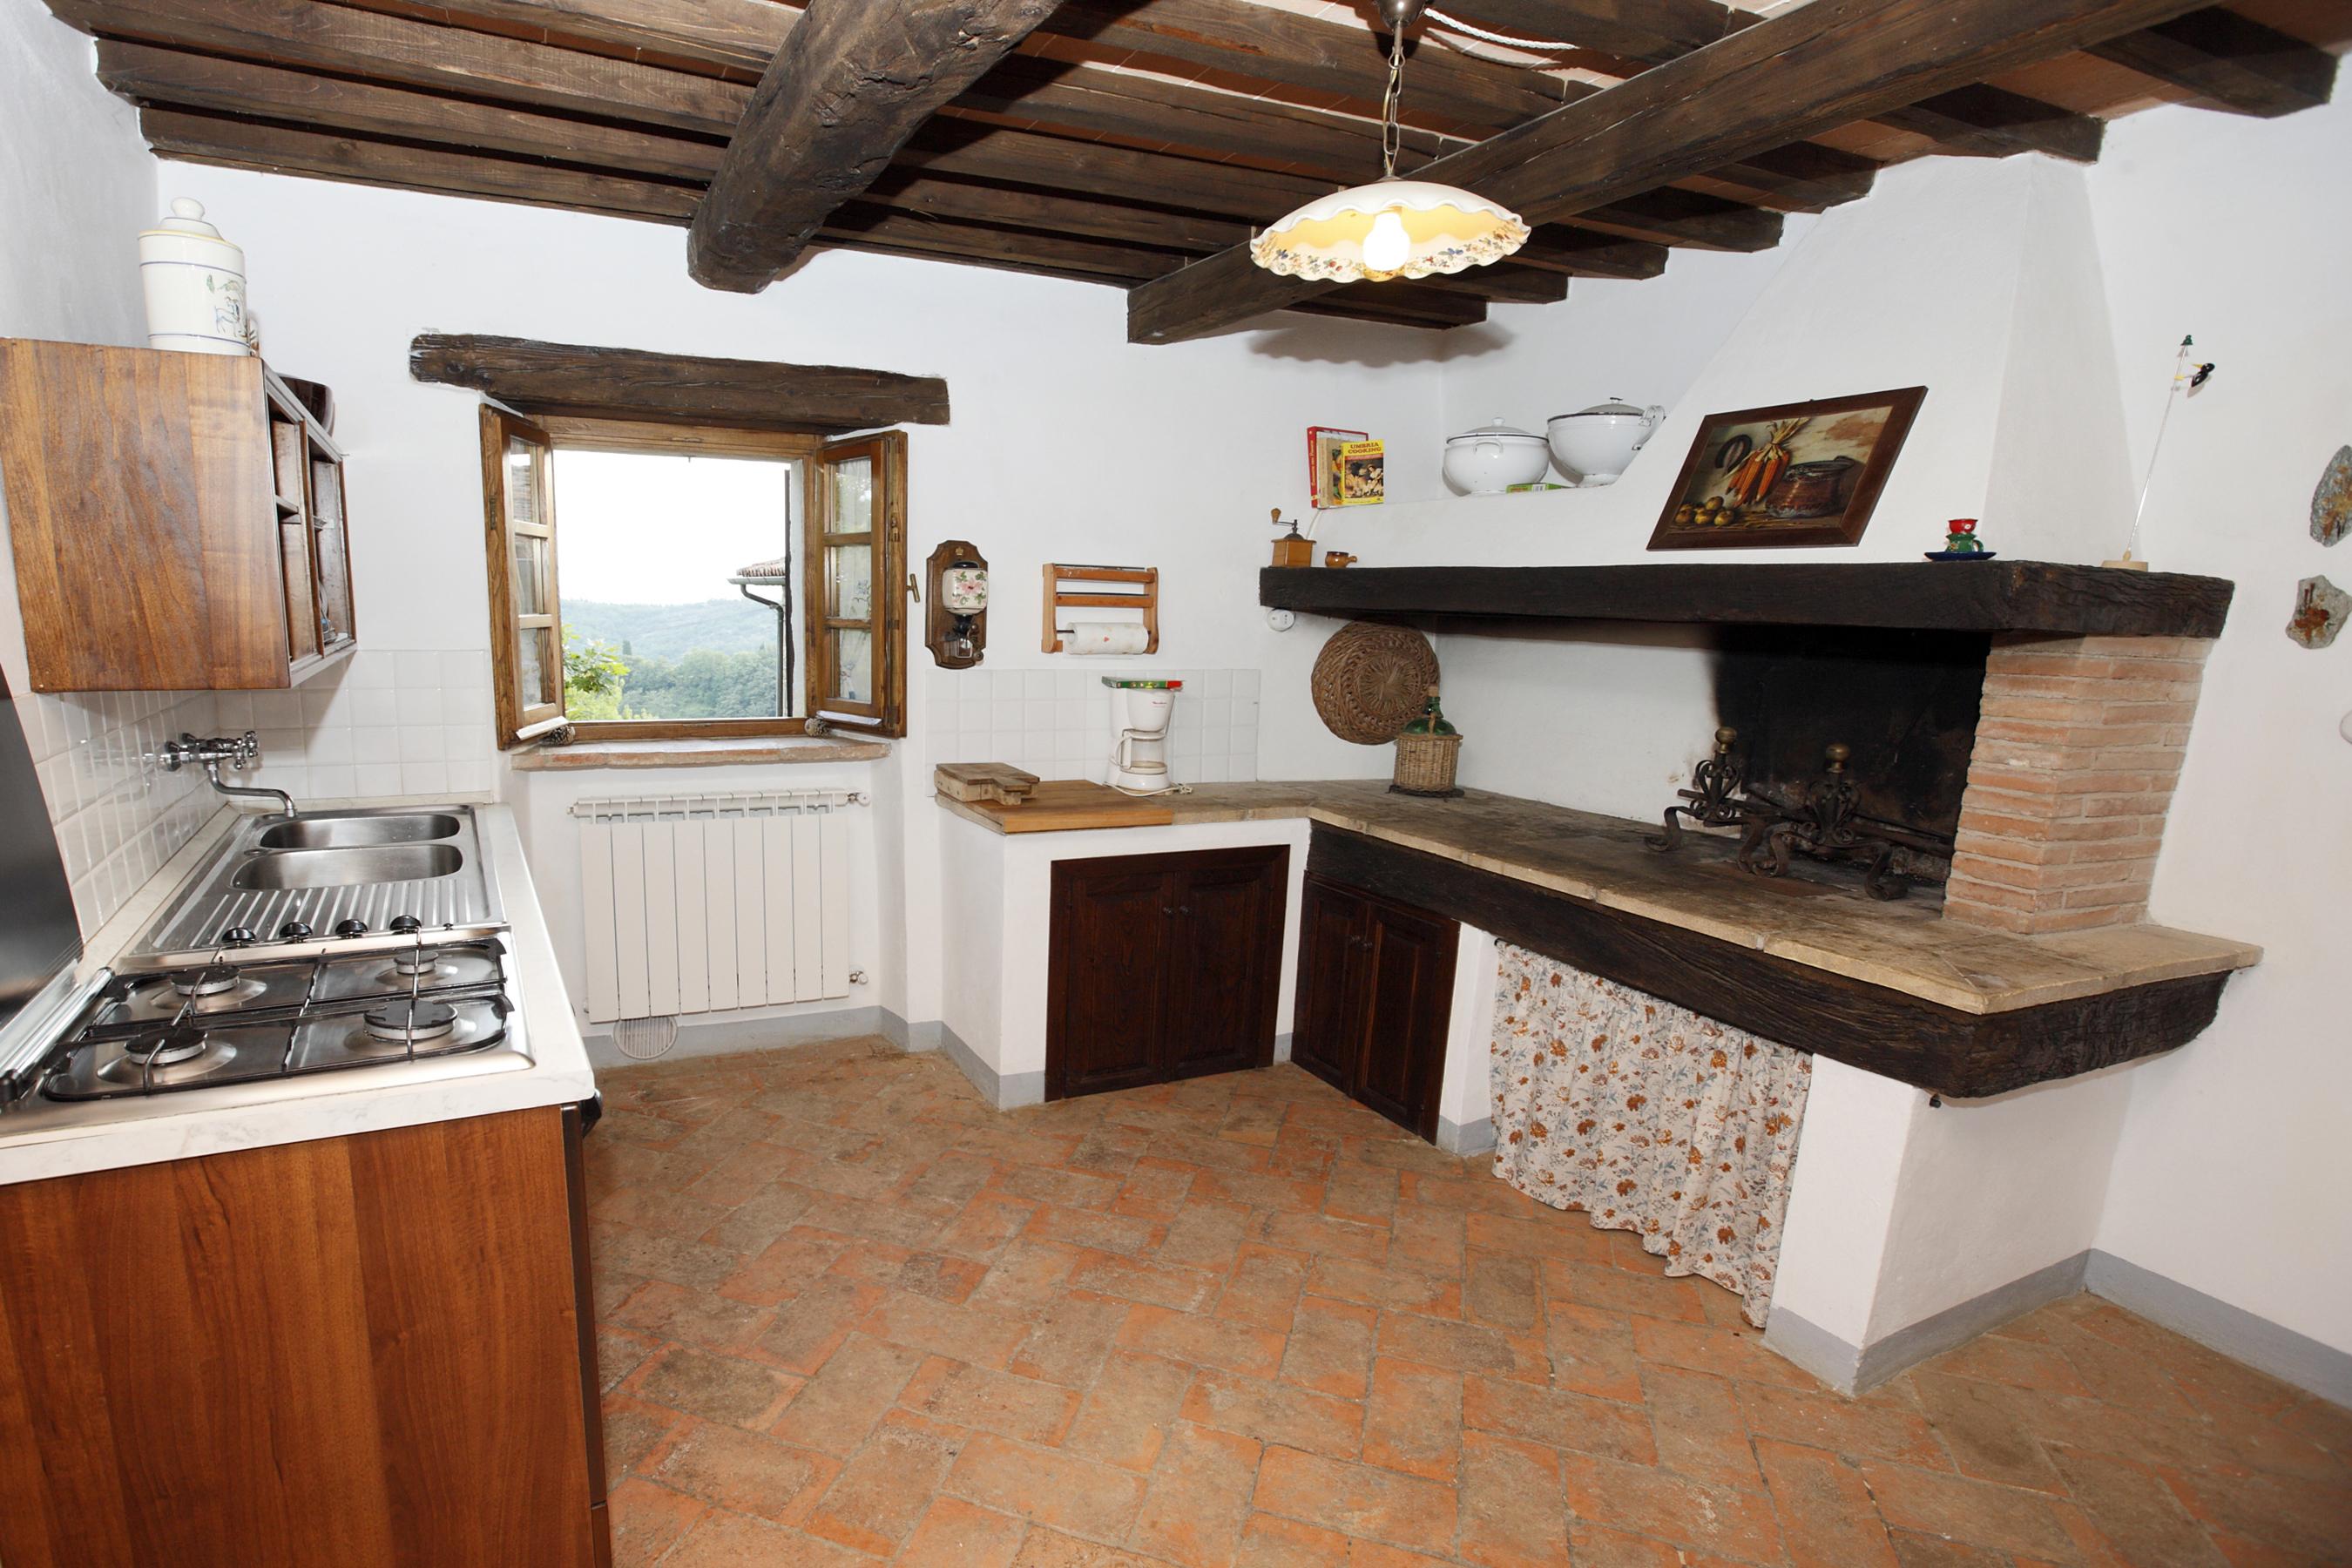 Agriturismo c p app uno - Open haard keuken photo ...